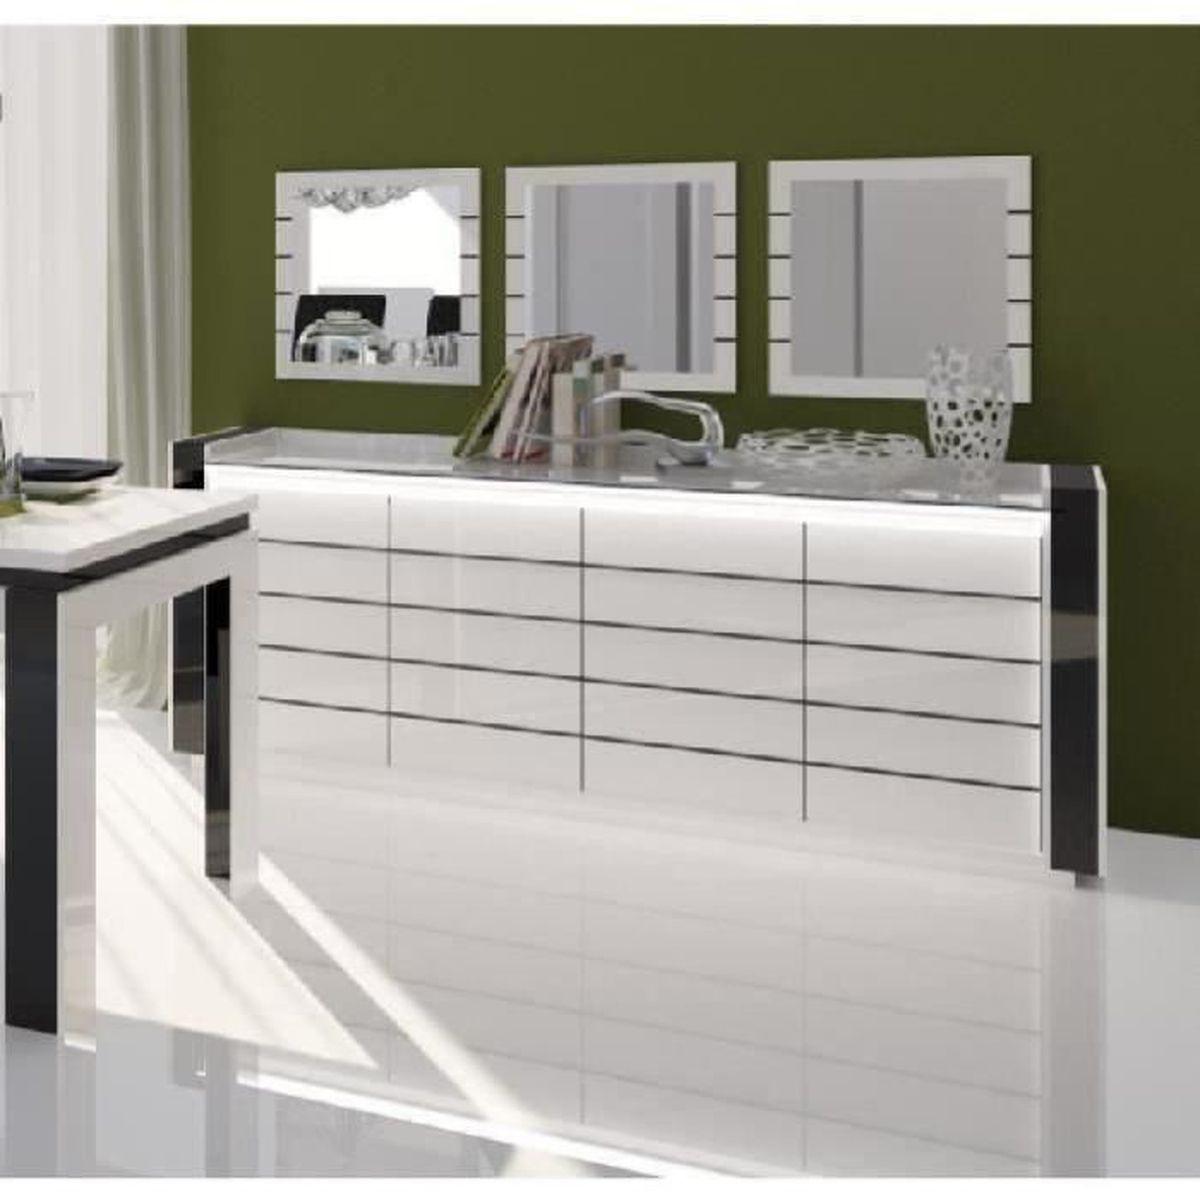 Miroir Salle De Sejour price factory - buffet, bahut, enfilade lina avec led + 3 x